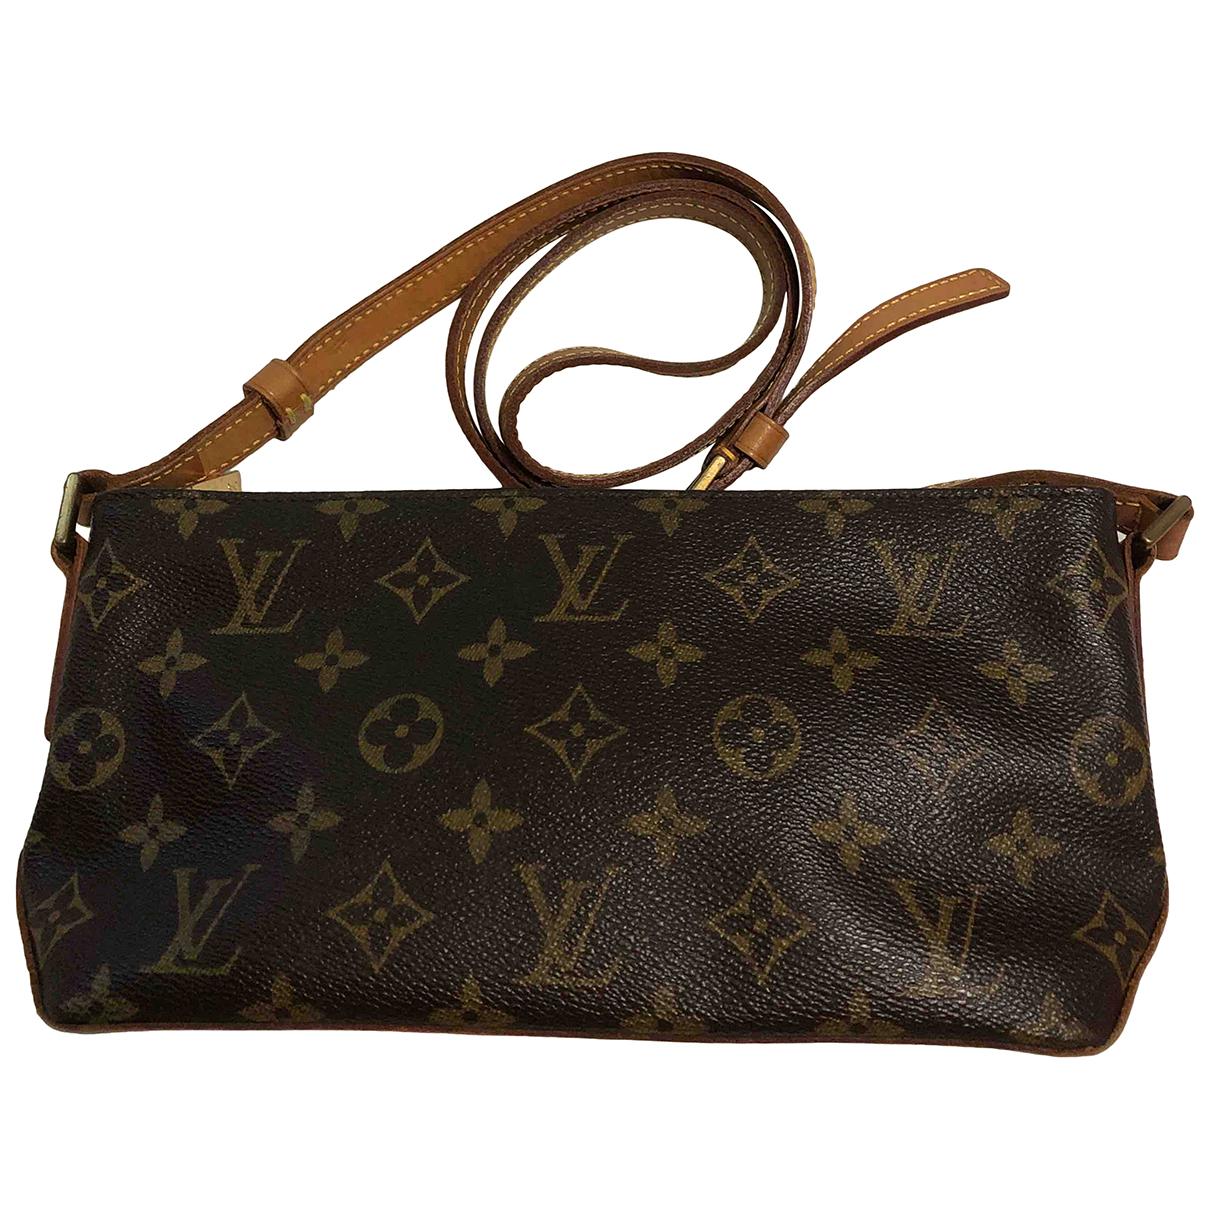 Bandolera Trotteur de Lona Louis Vuitton